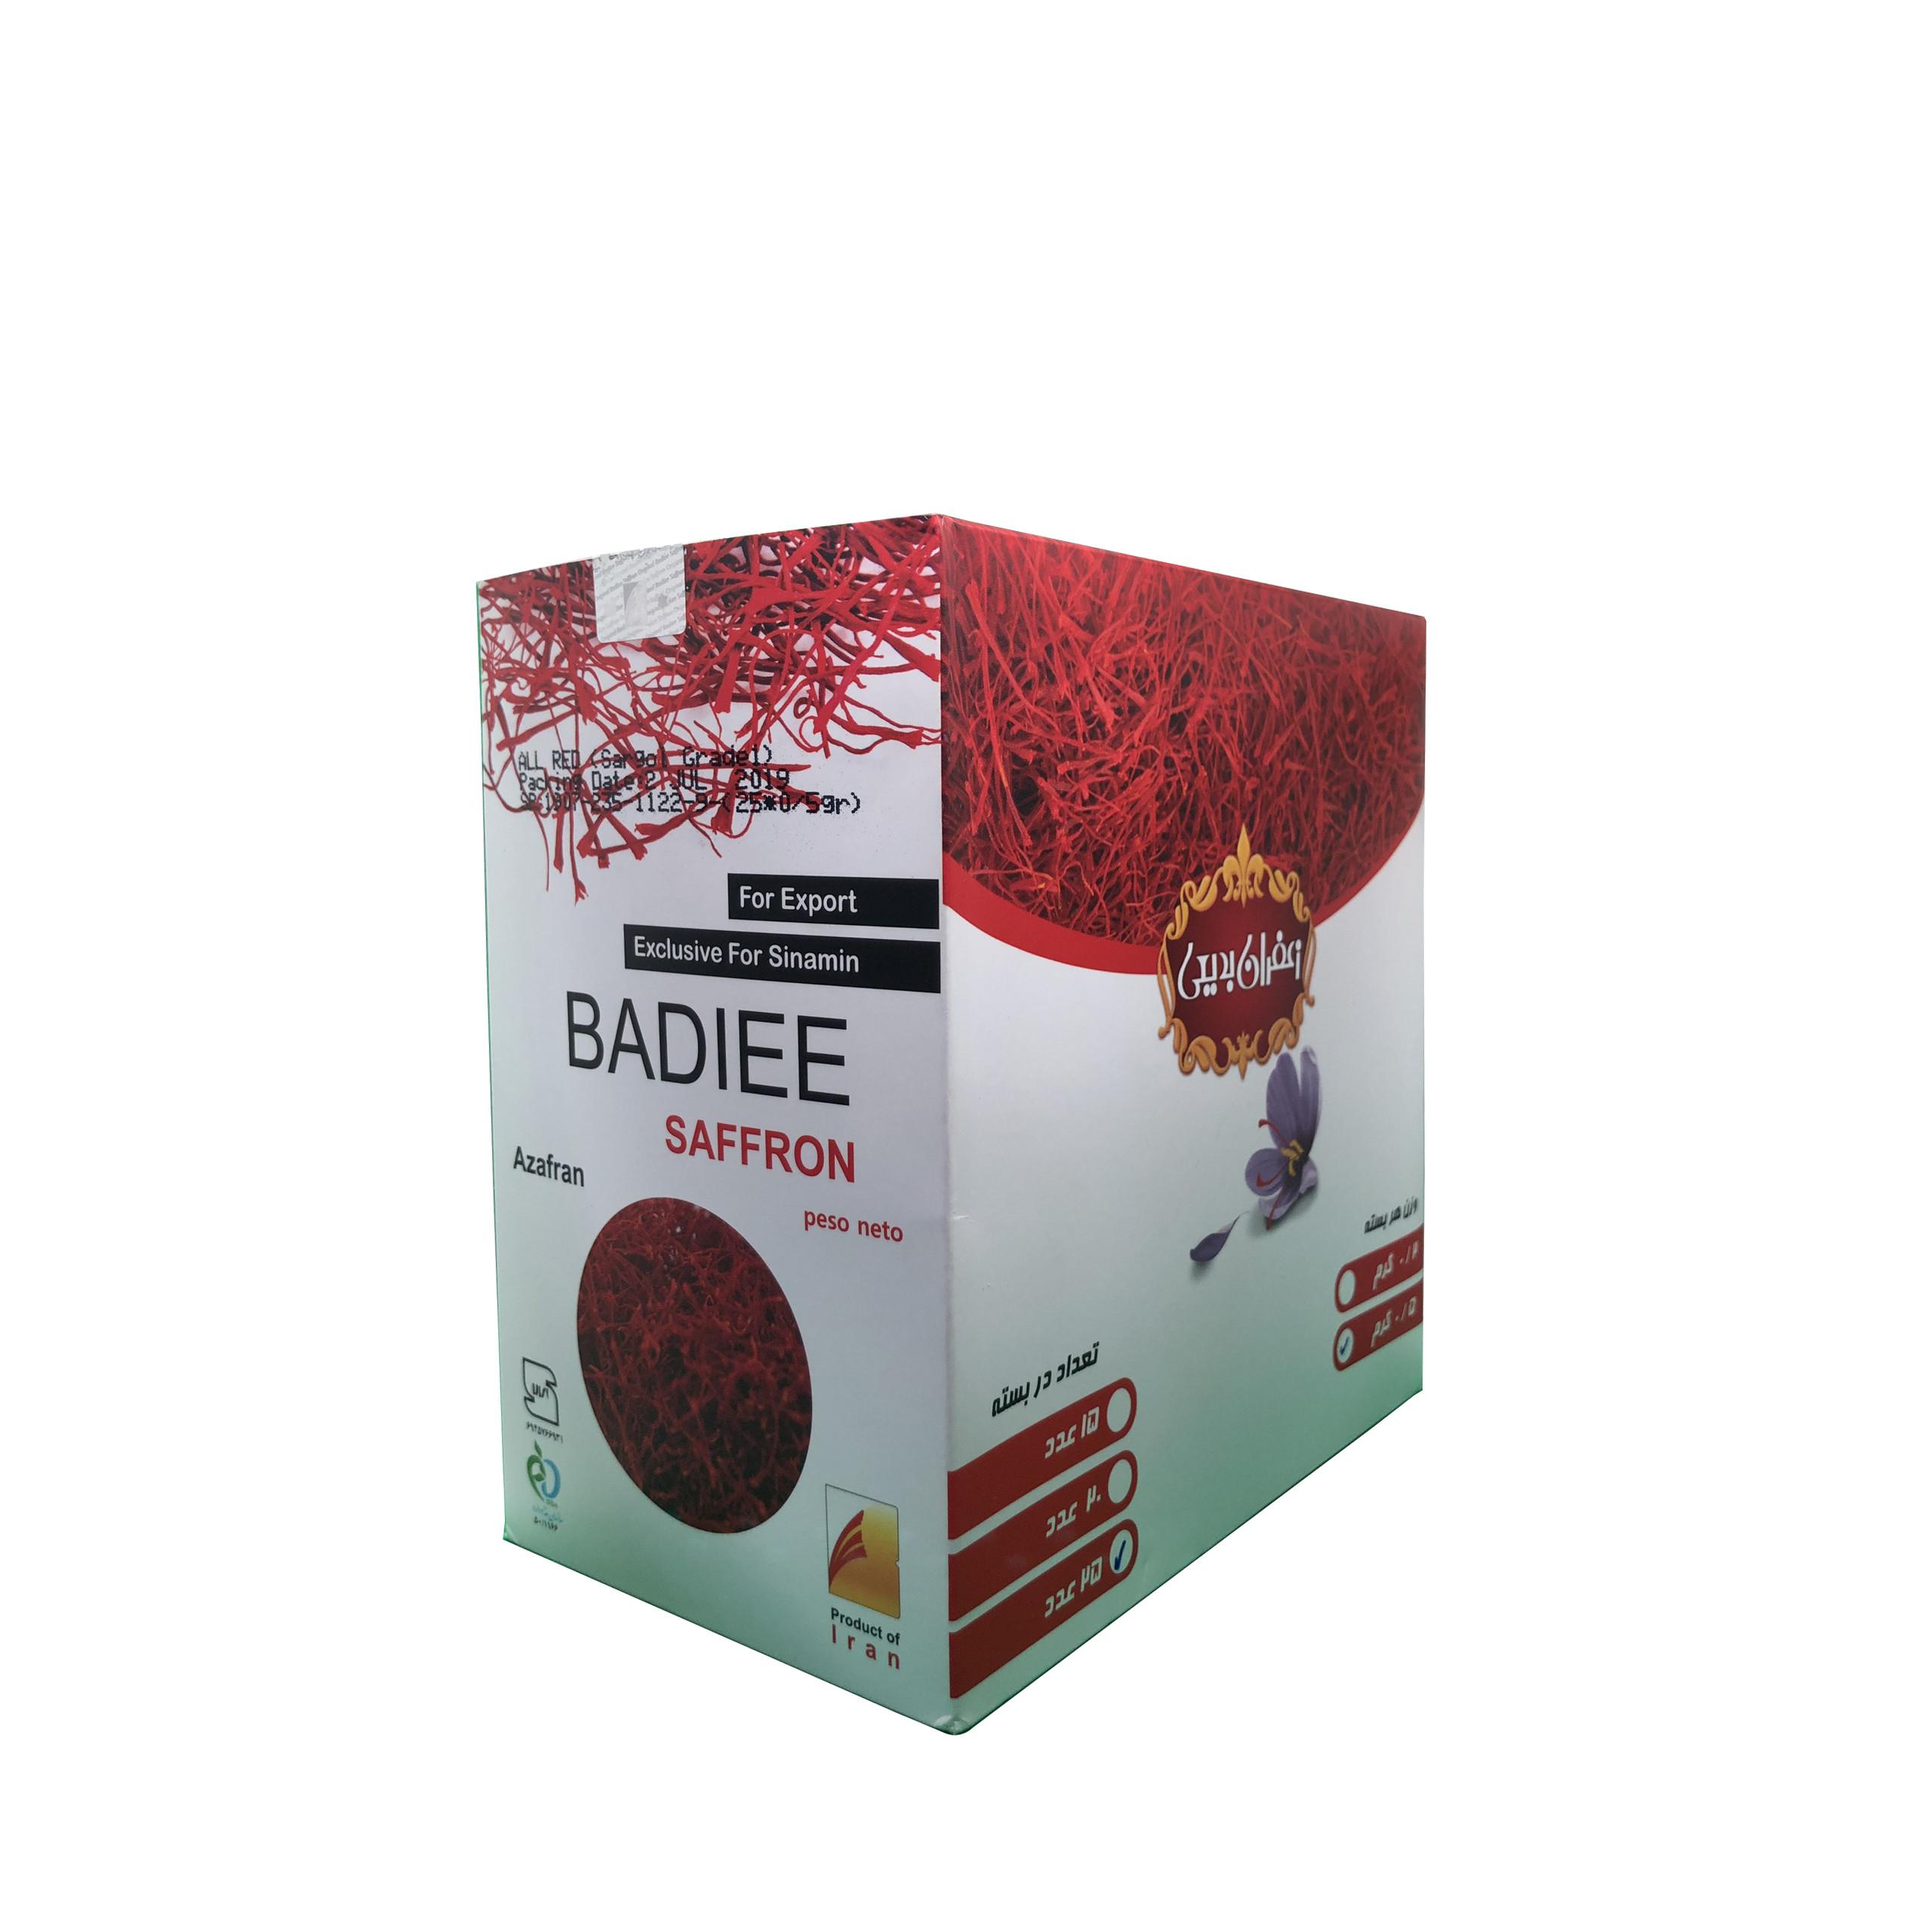 Saffron - Nhuỵ Hoa Nghệ Tây Hiệu Badiee 100% Hàng nhập khẩu IRAN